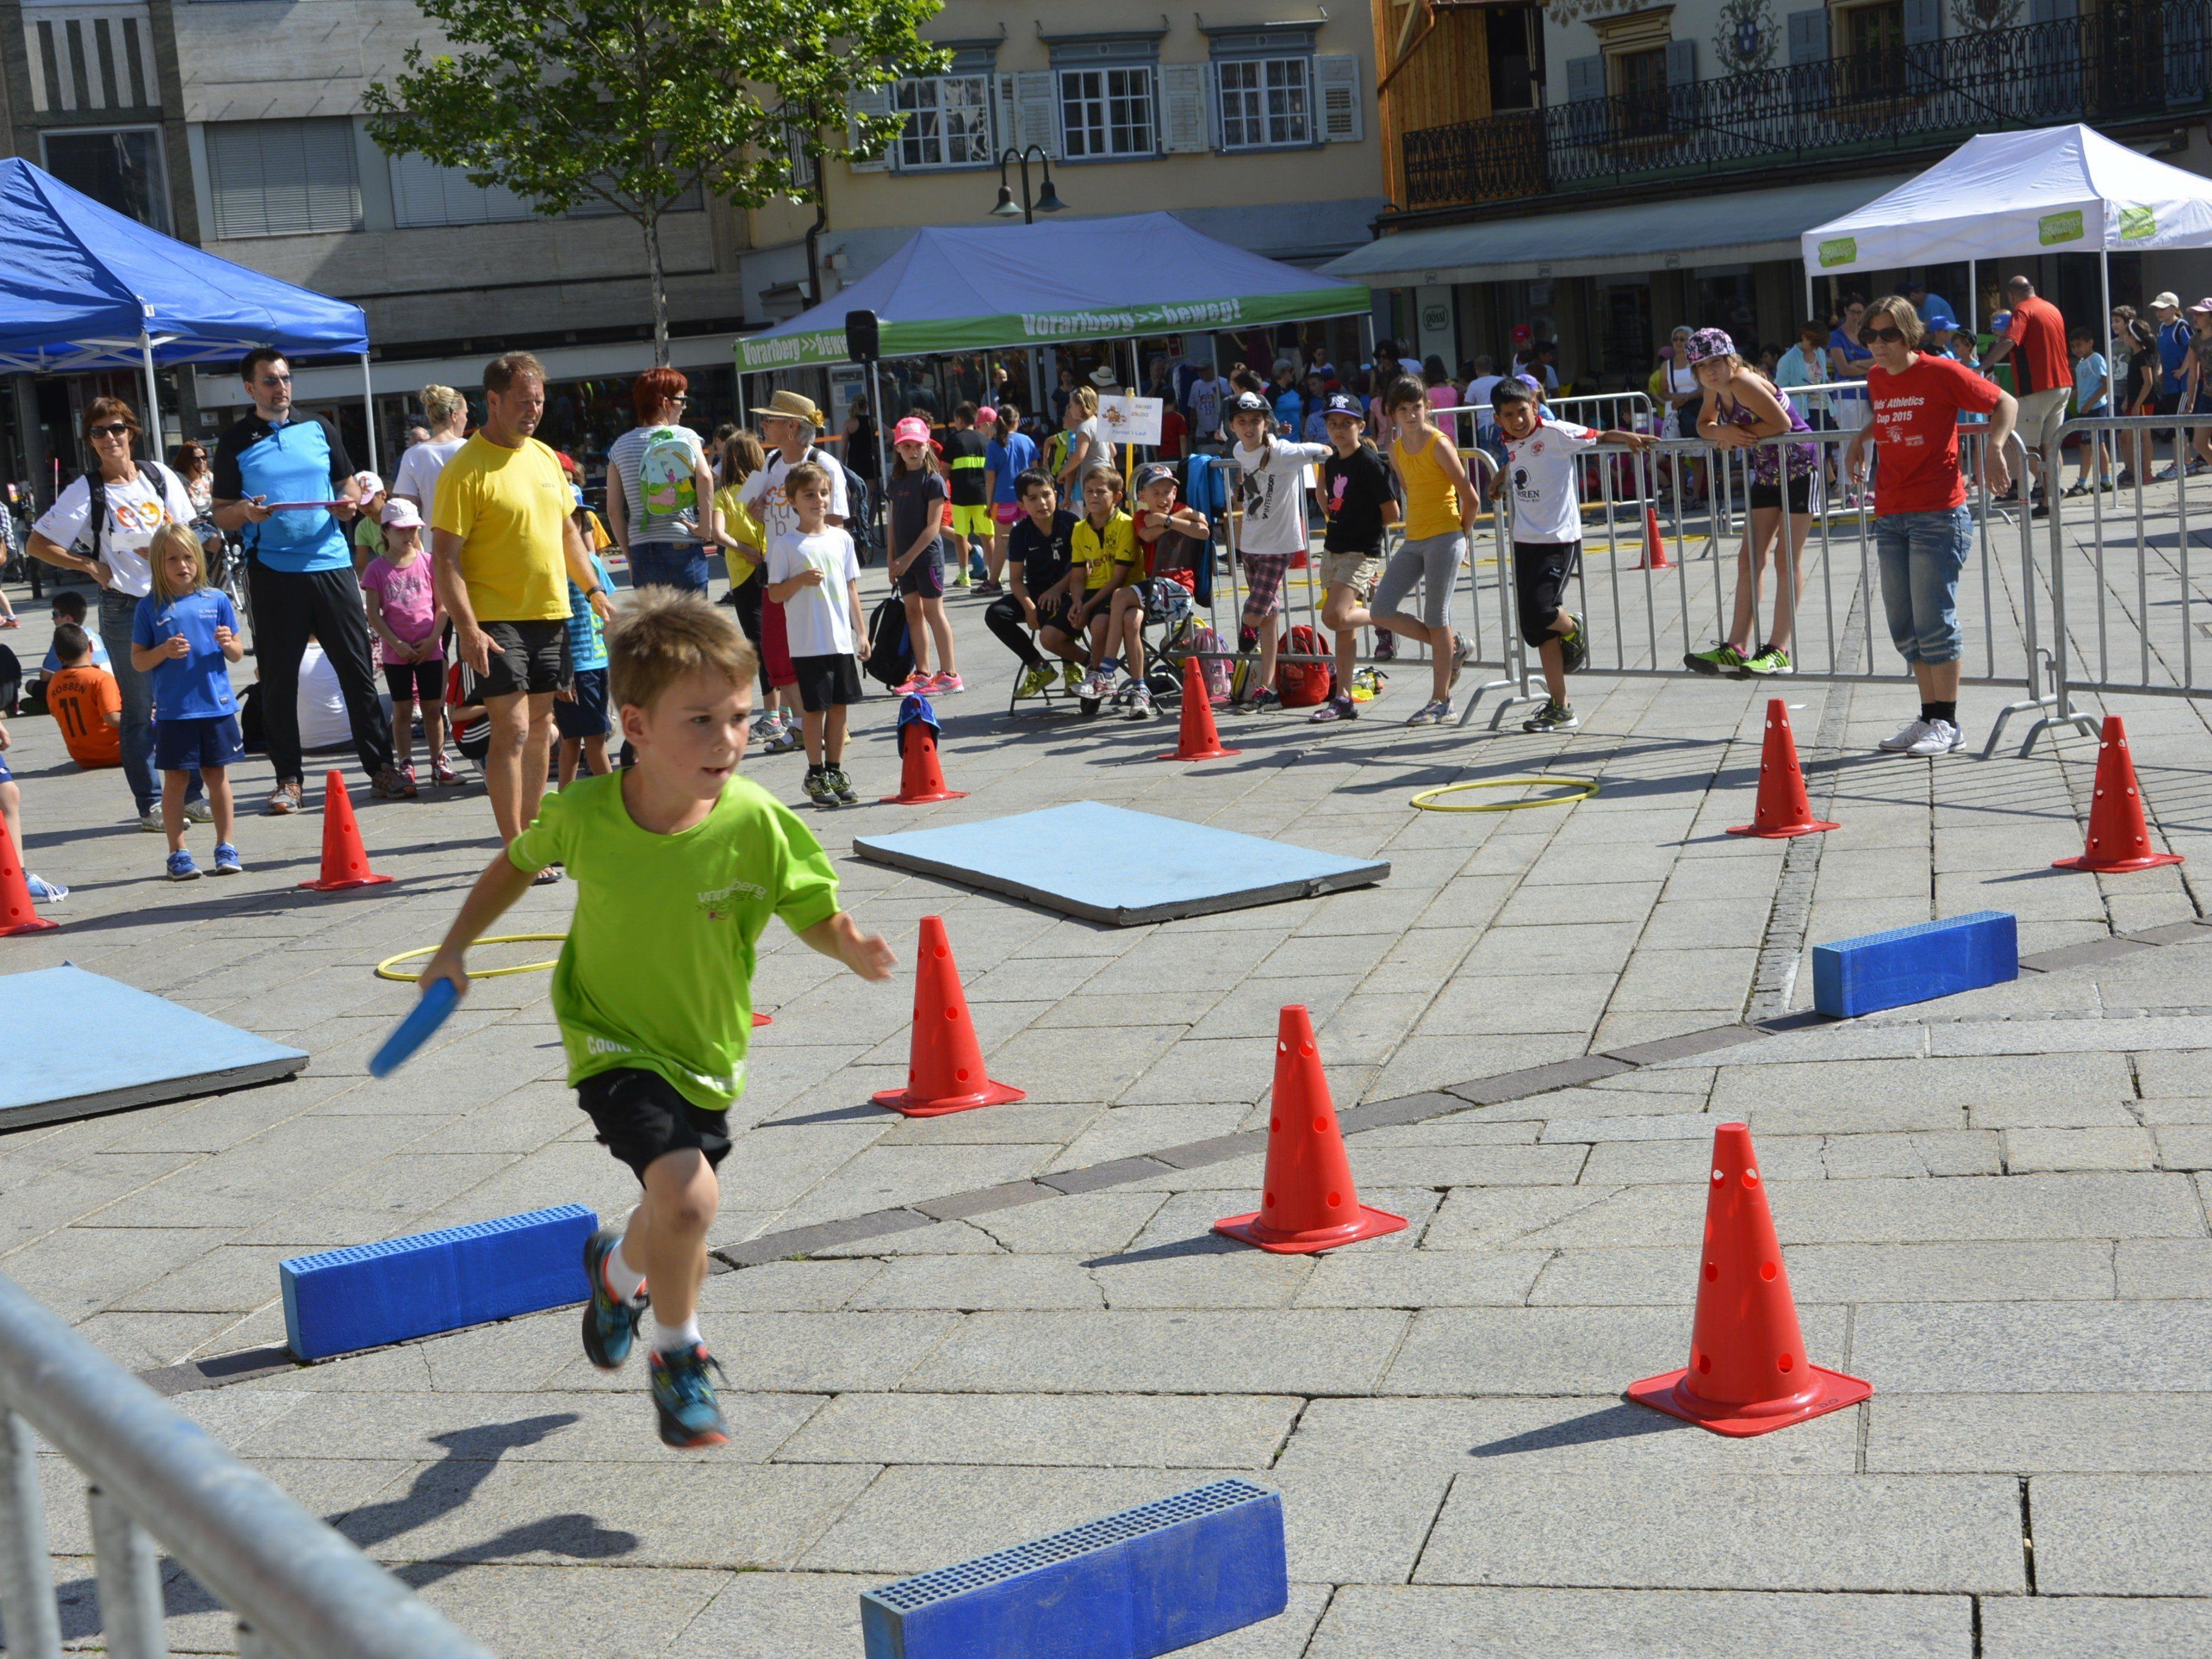 Der Marktplatz bildete am Freitag eine sportliche Bühne für 300 Kids.